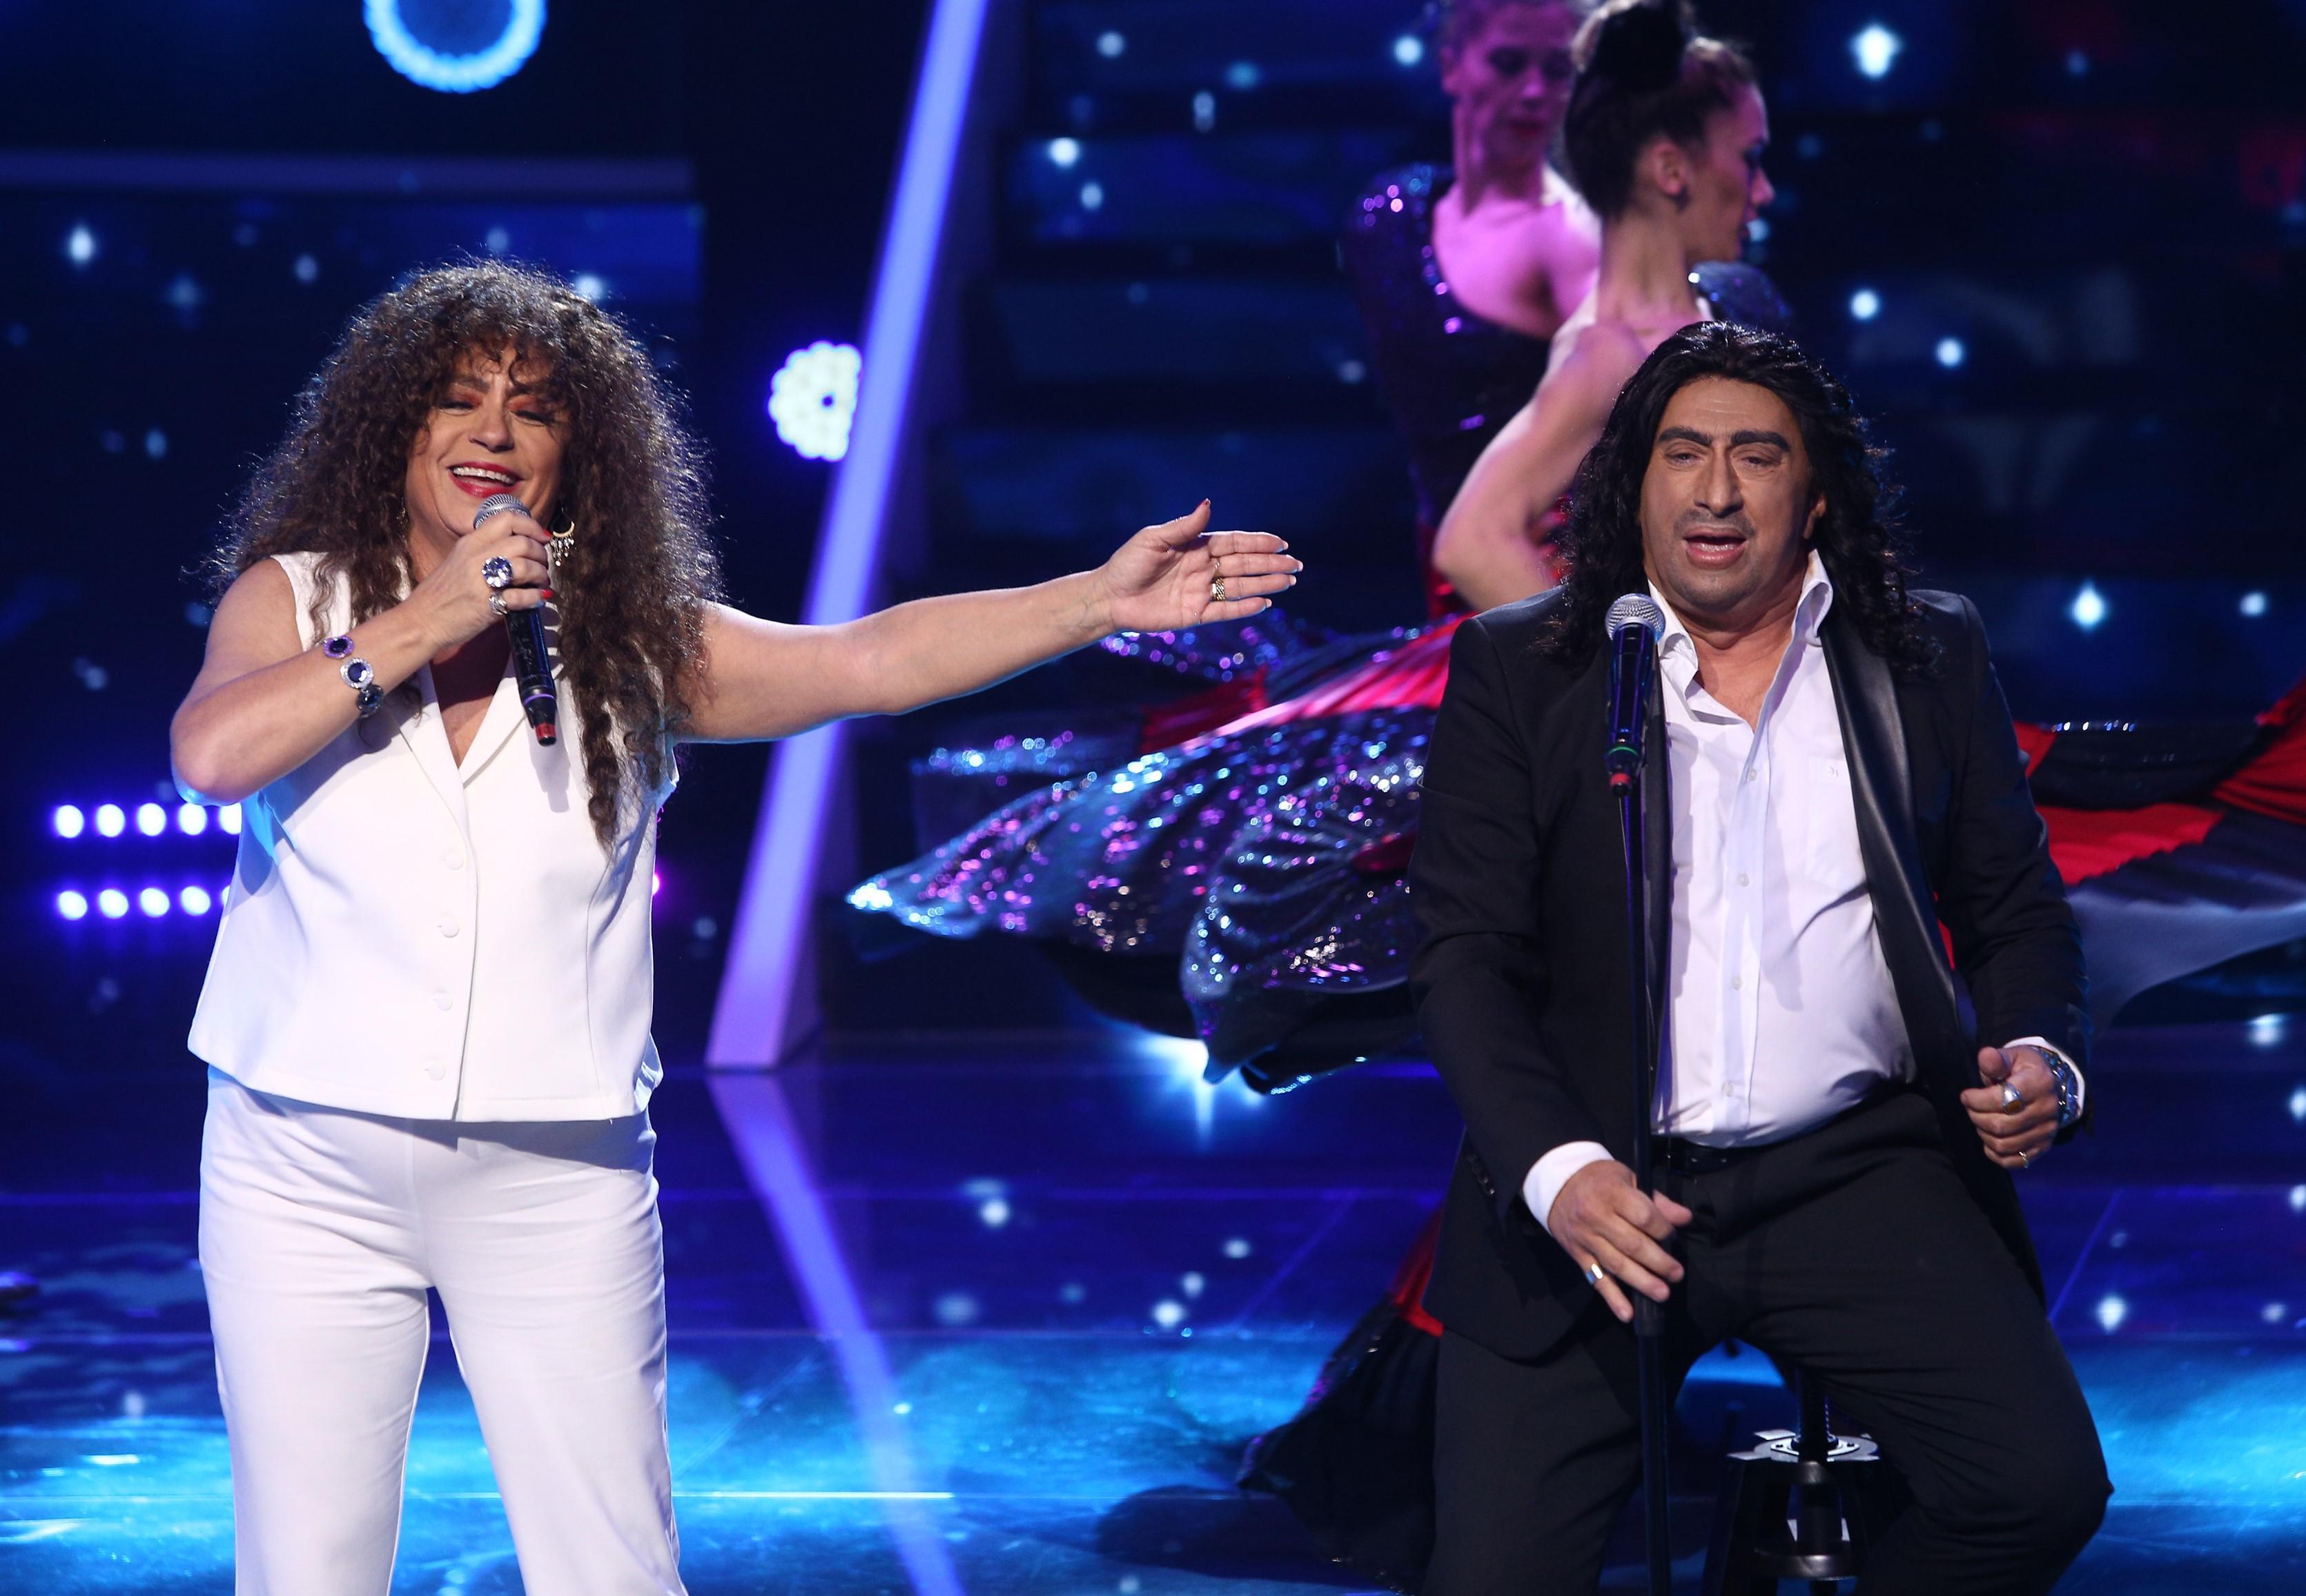 Te cunosc de undeva, 10 aprilie 2021. Romică Țociu și Adriana Trandafir, transformați în Rosario Flores și El Cigala